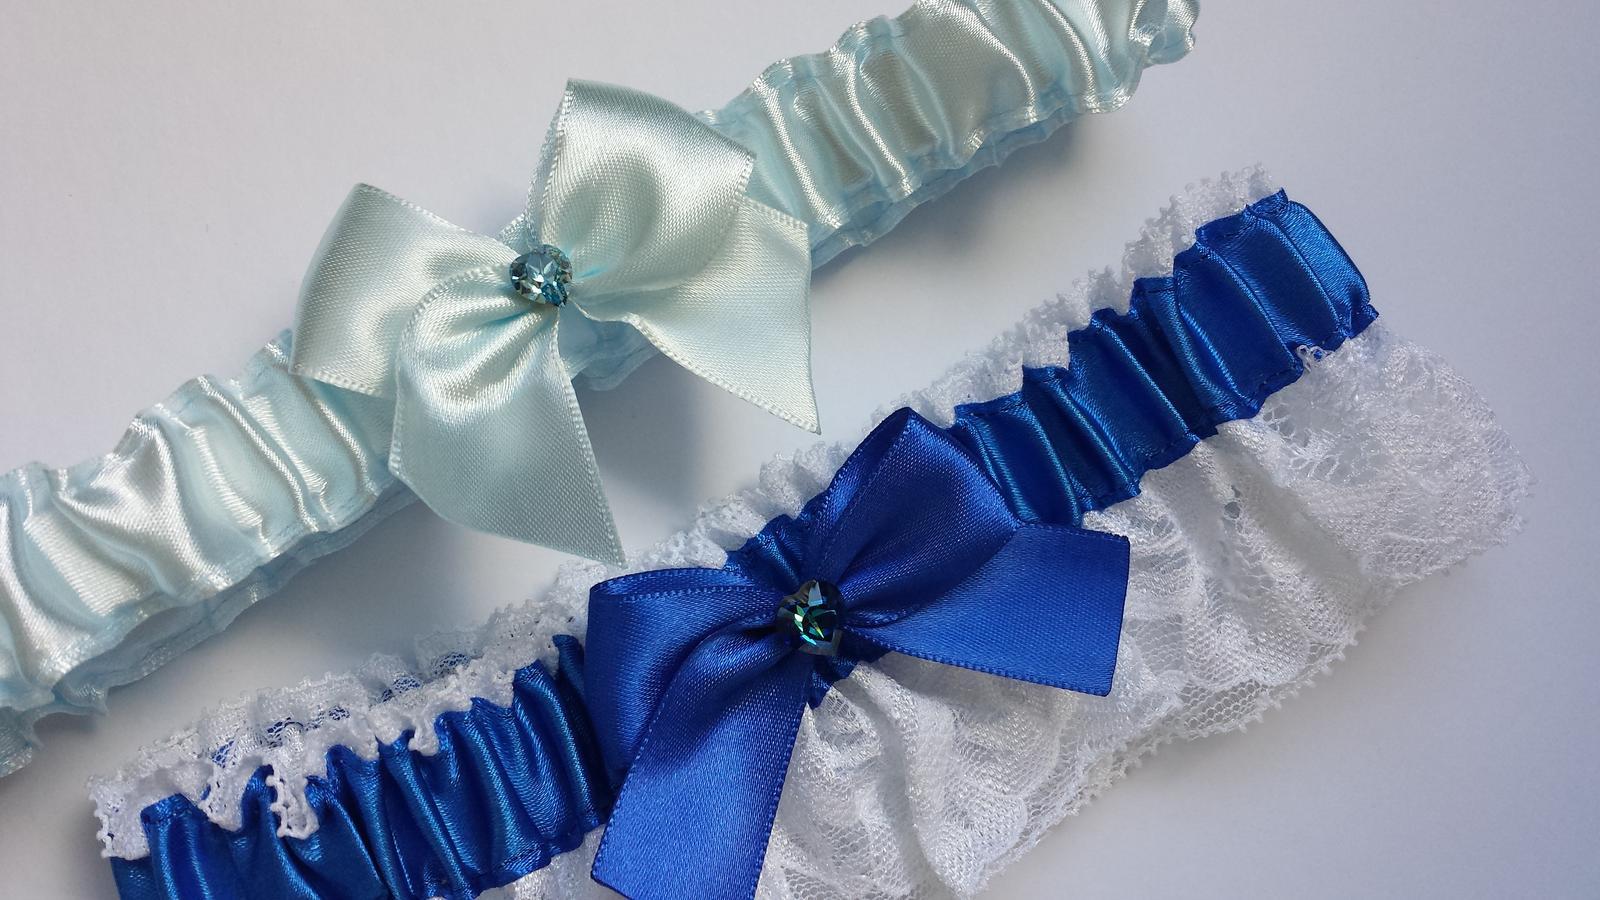 Podvazky + nově sady Swarovski podvazků - Královská modrá